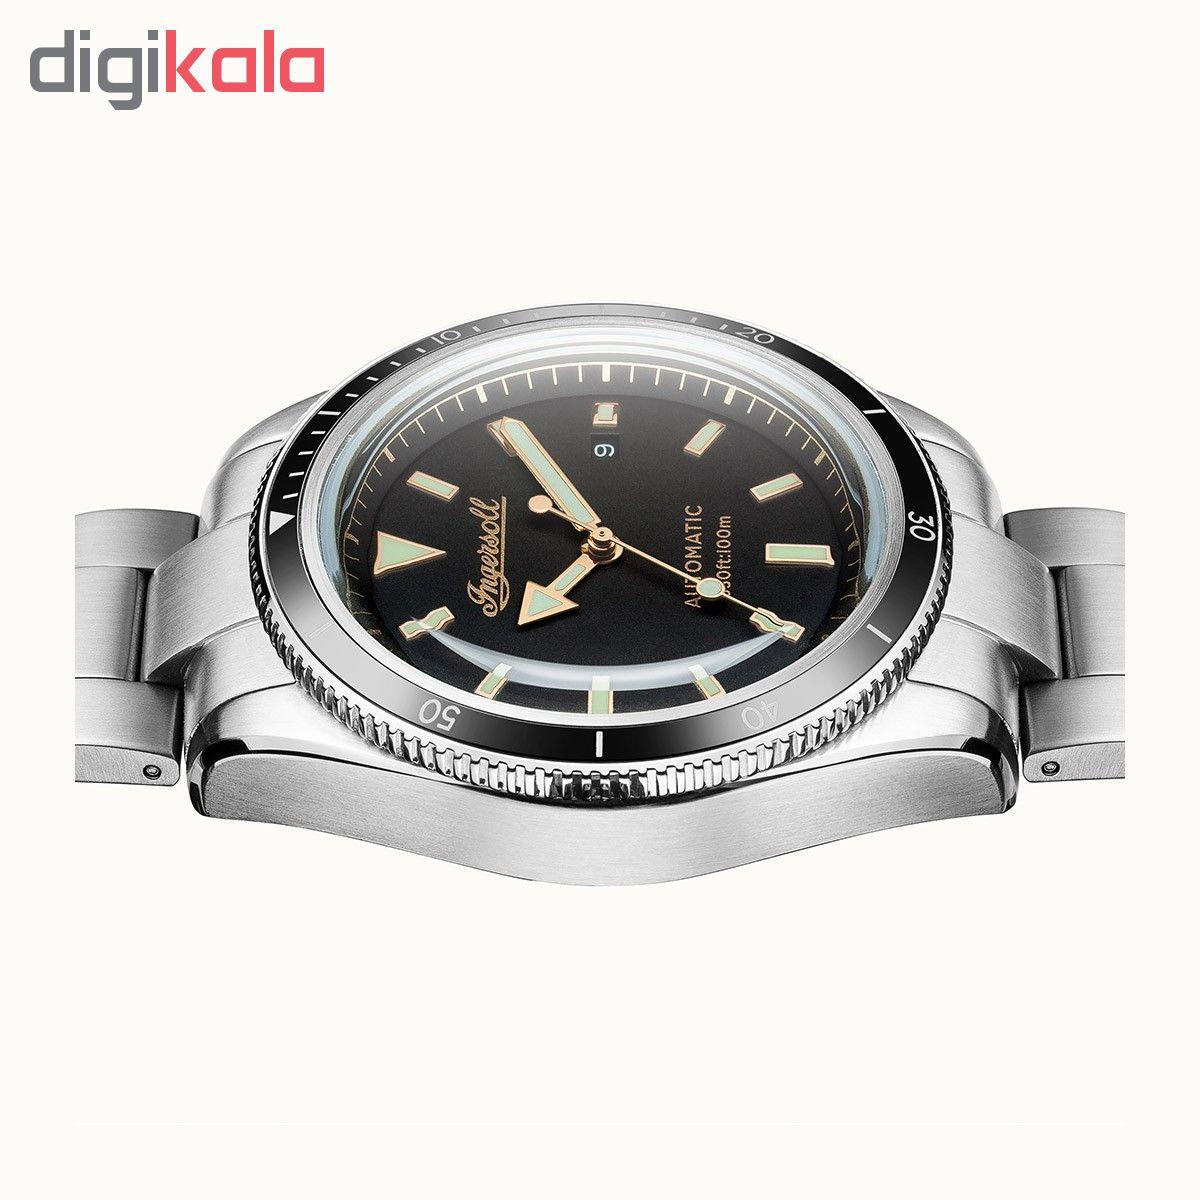 ساعت مچی عقربه ای مردانه اینگرسل مدل I05005